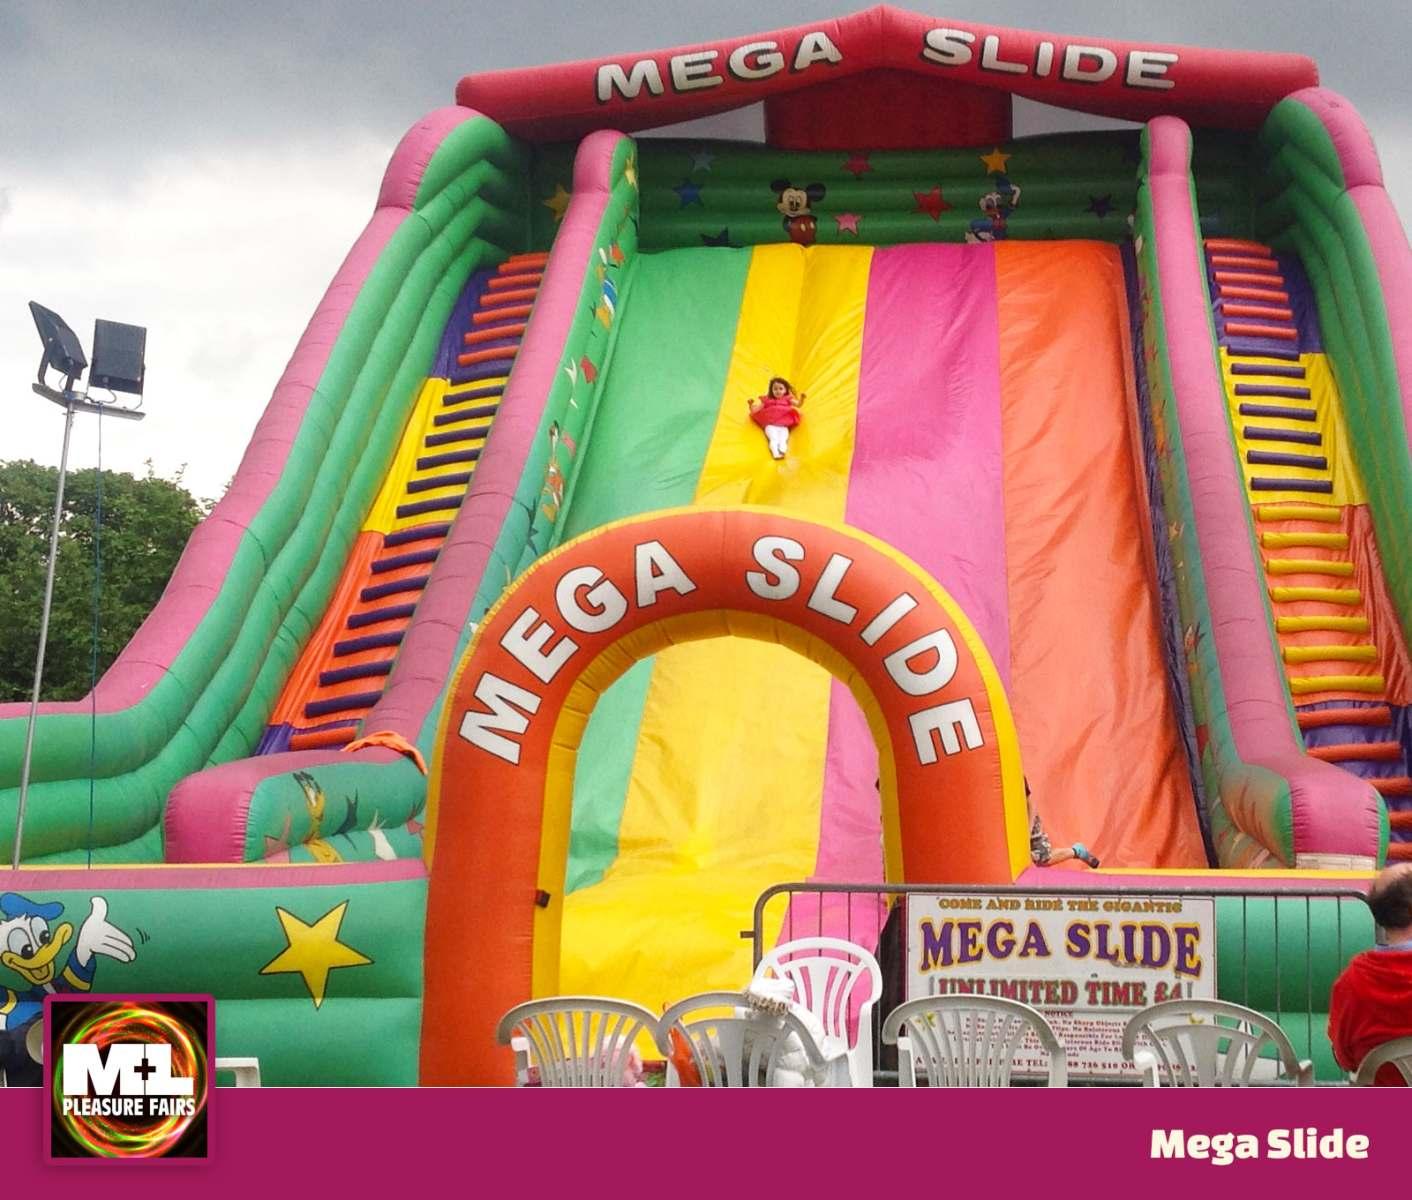 Mega Slide Ride Image